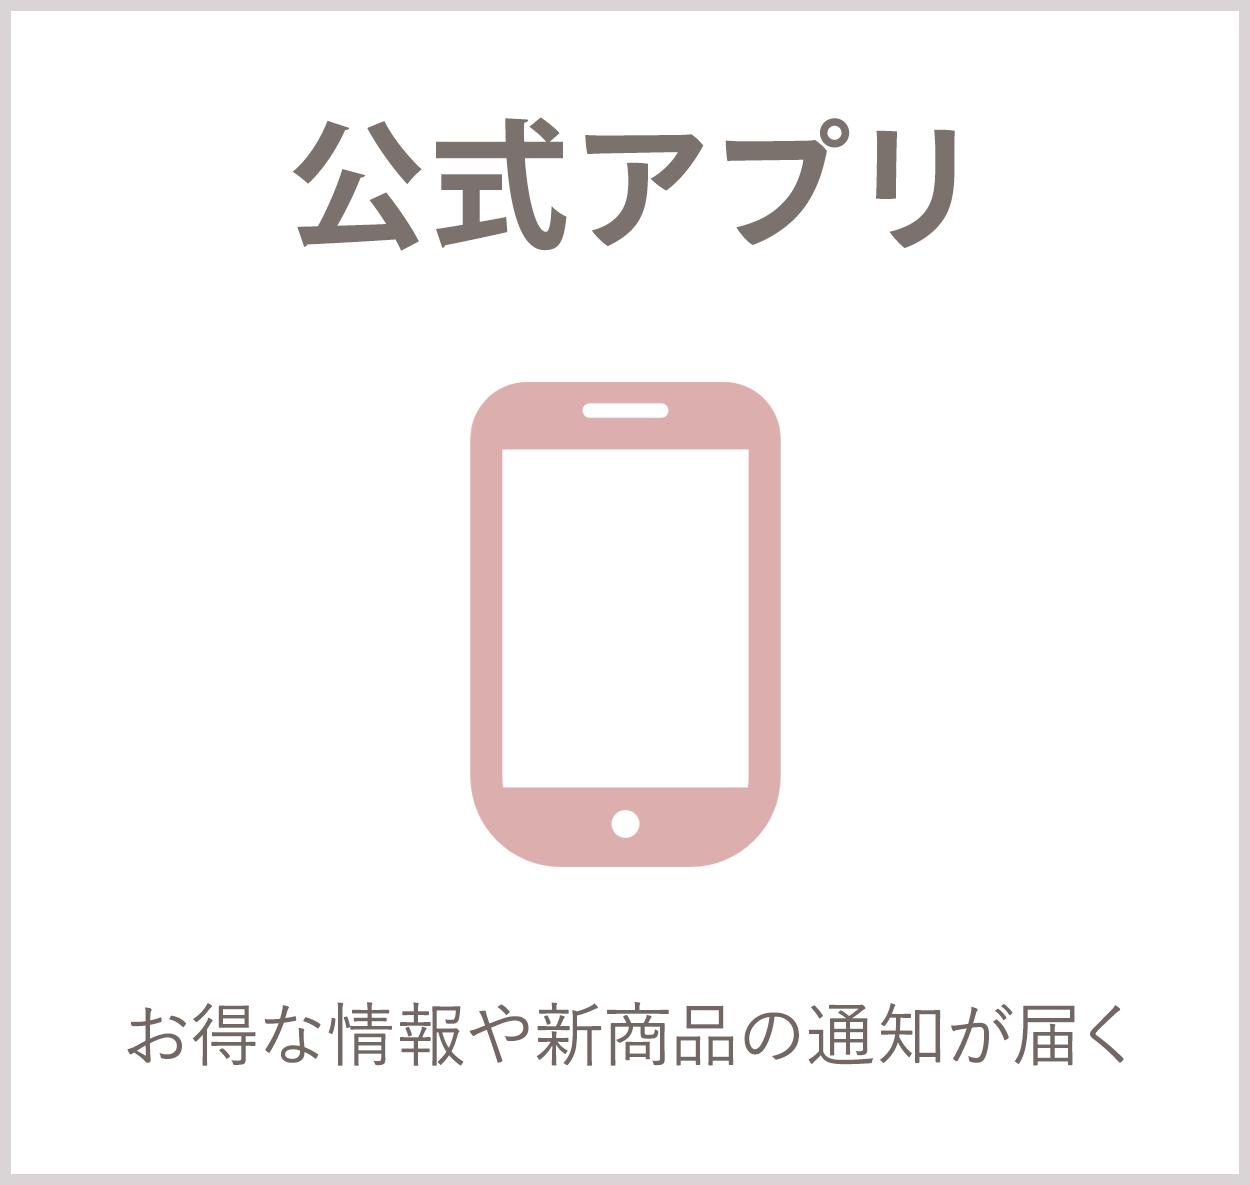 amostyle アプリ